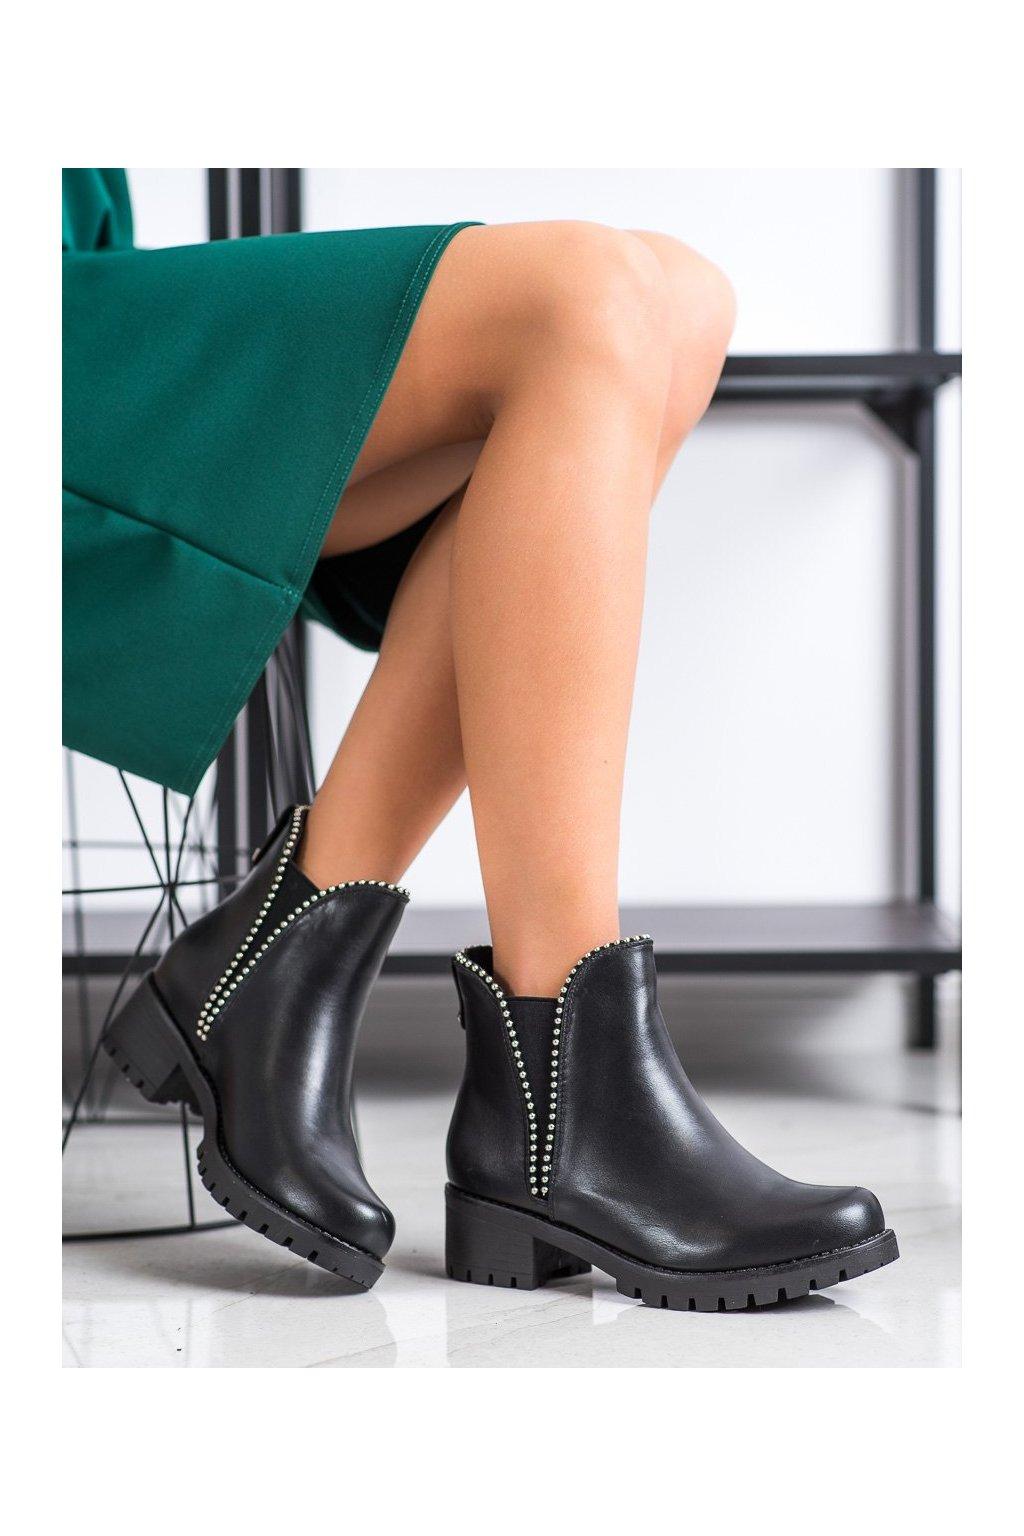 Čierne dámske topánky Sds kod 7371-PA-B